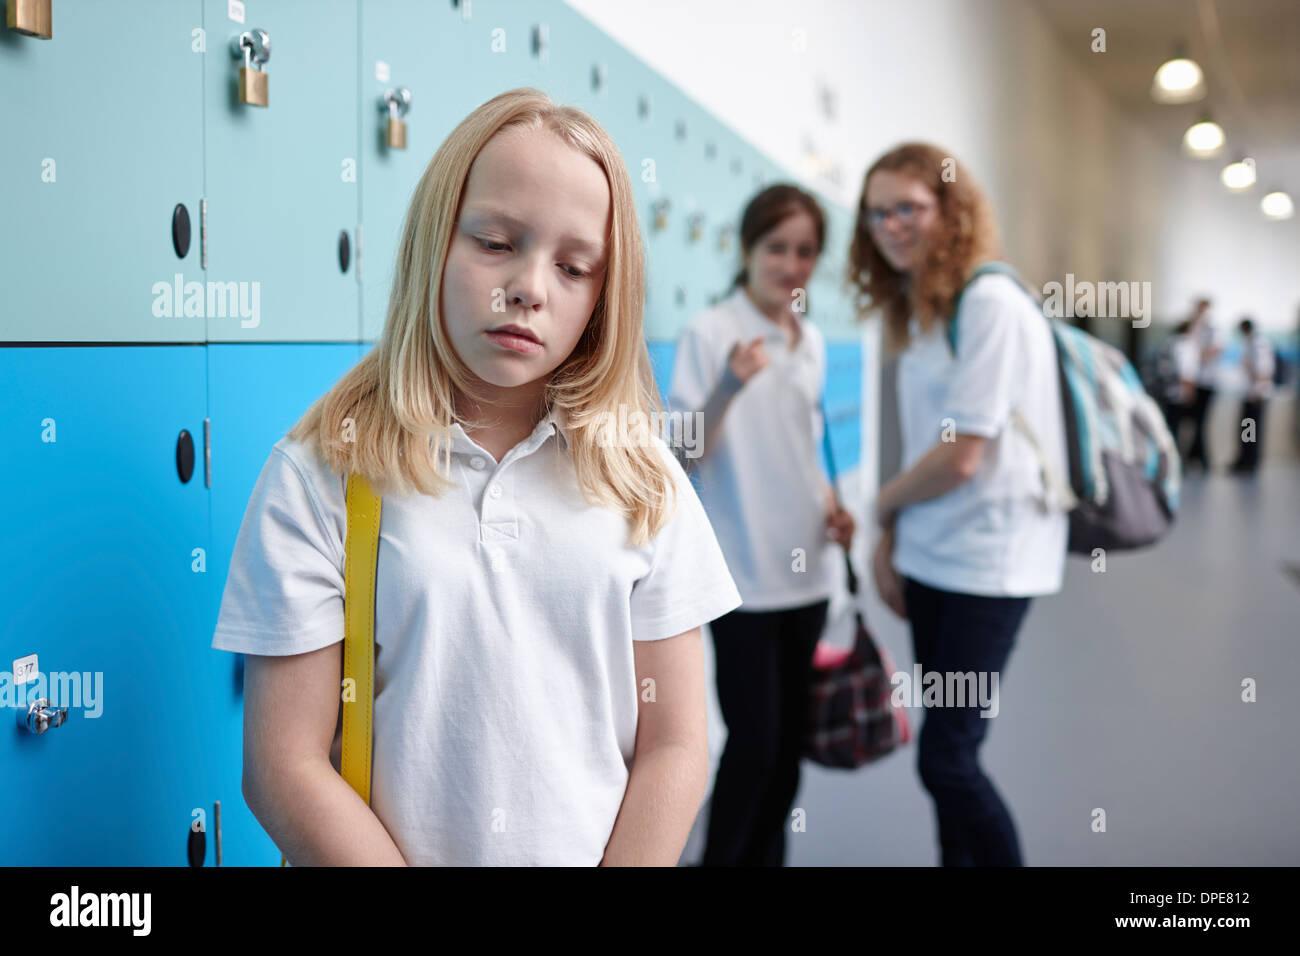 Colegiala ser intimidado en la escuela pasillo Imagen De Stock